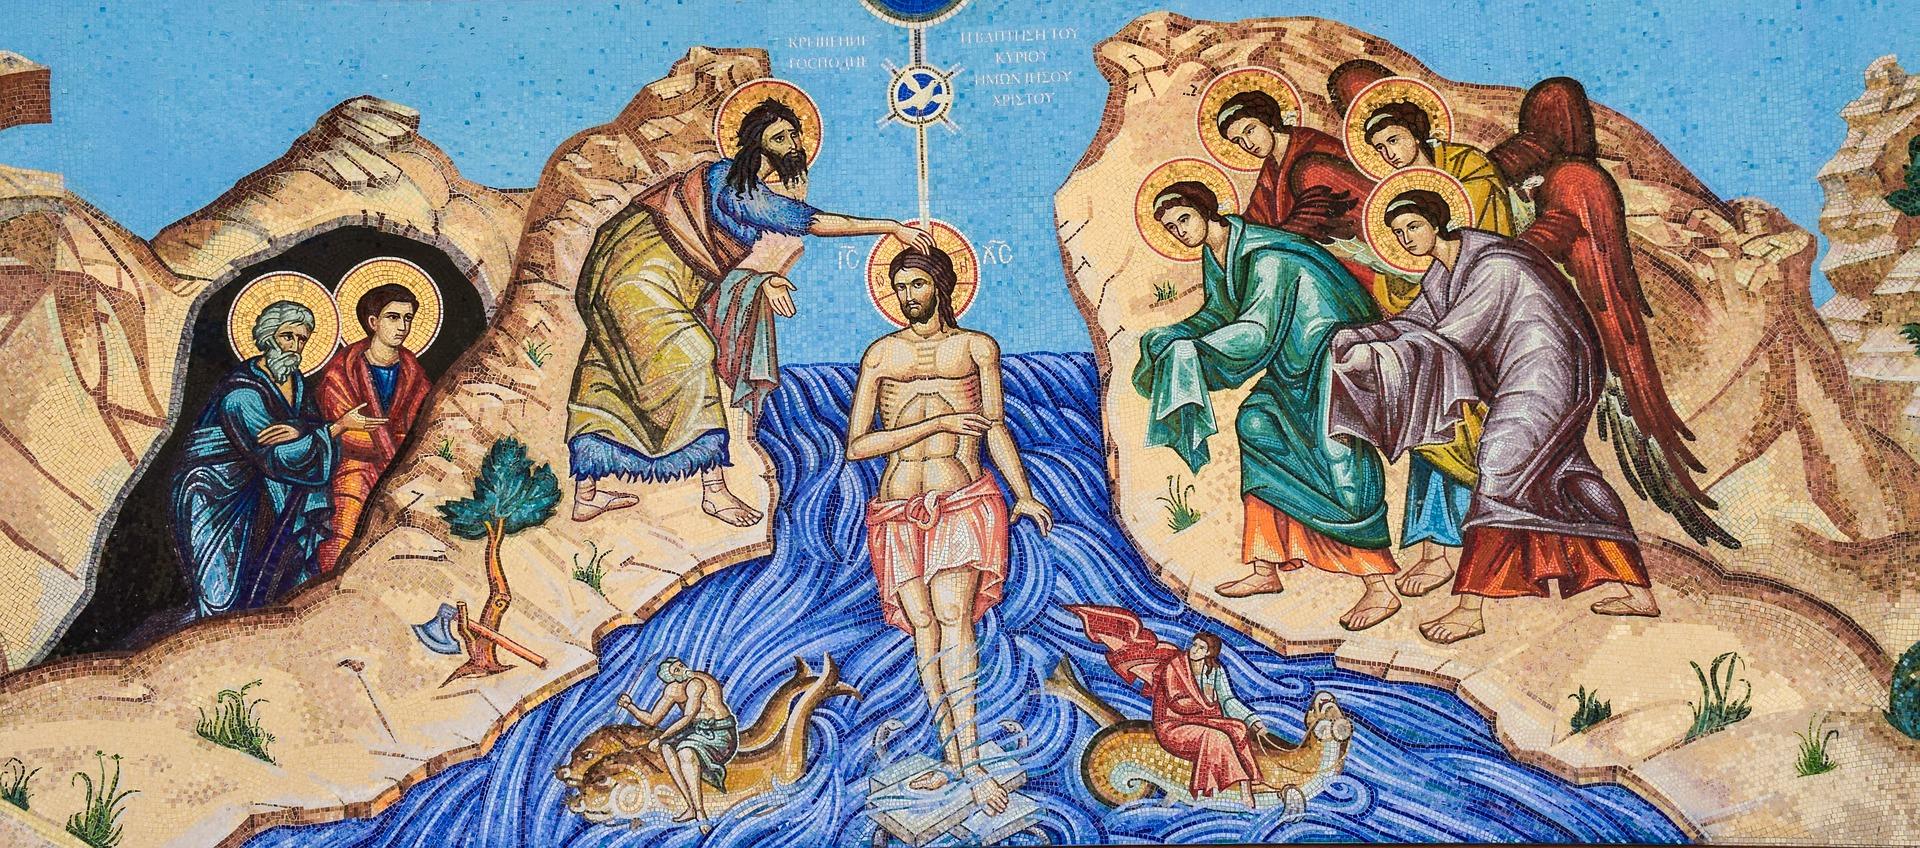 Крещение Господне: история и традиции праздника